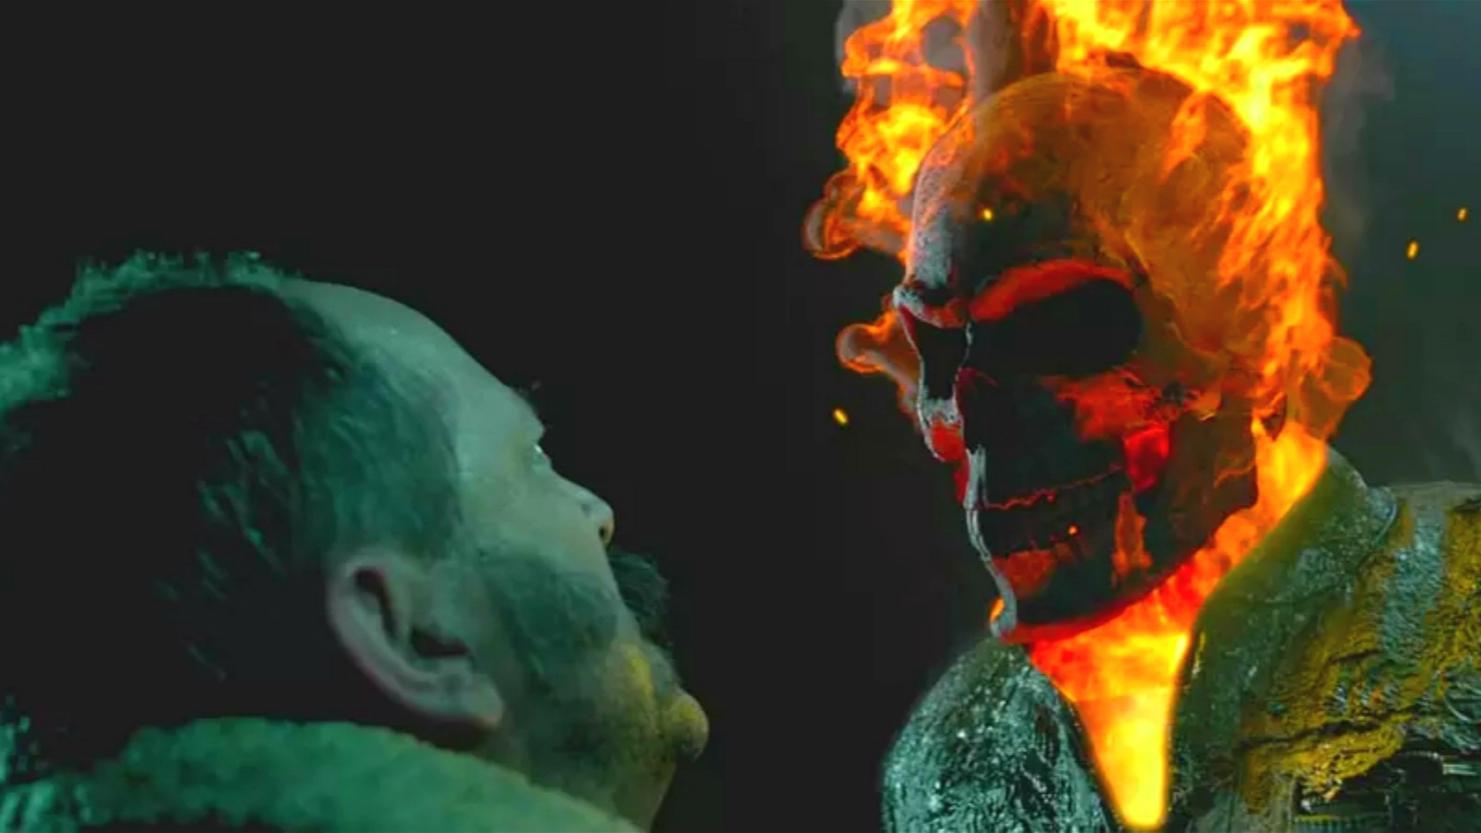 燃烧的骷髅头痛击恶魔,这个男人有点强!